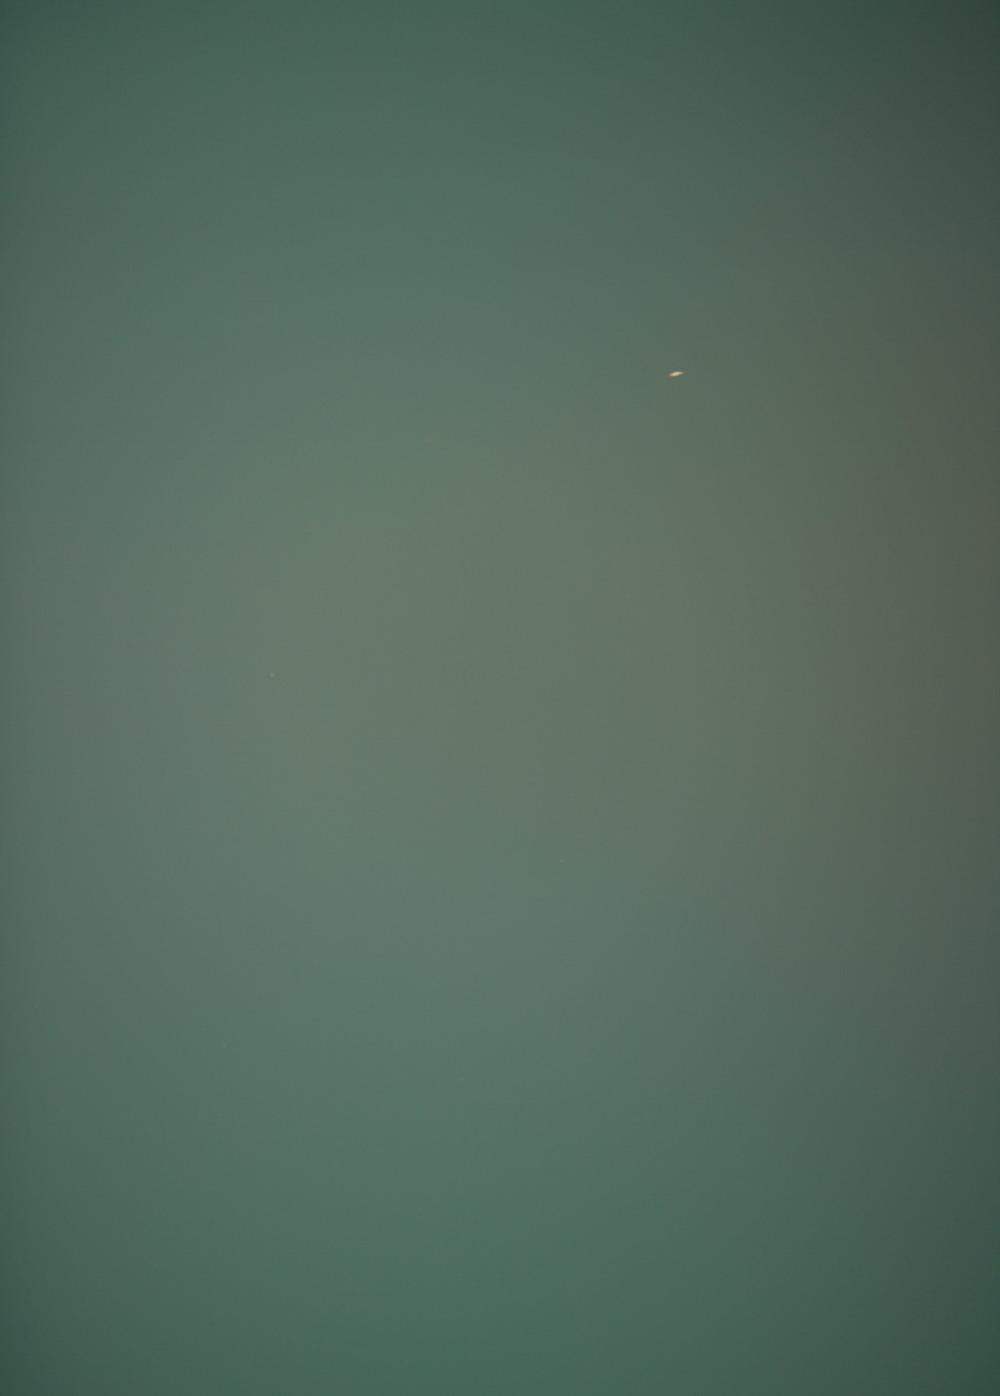 02__Z8M5440.jpg